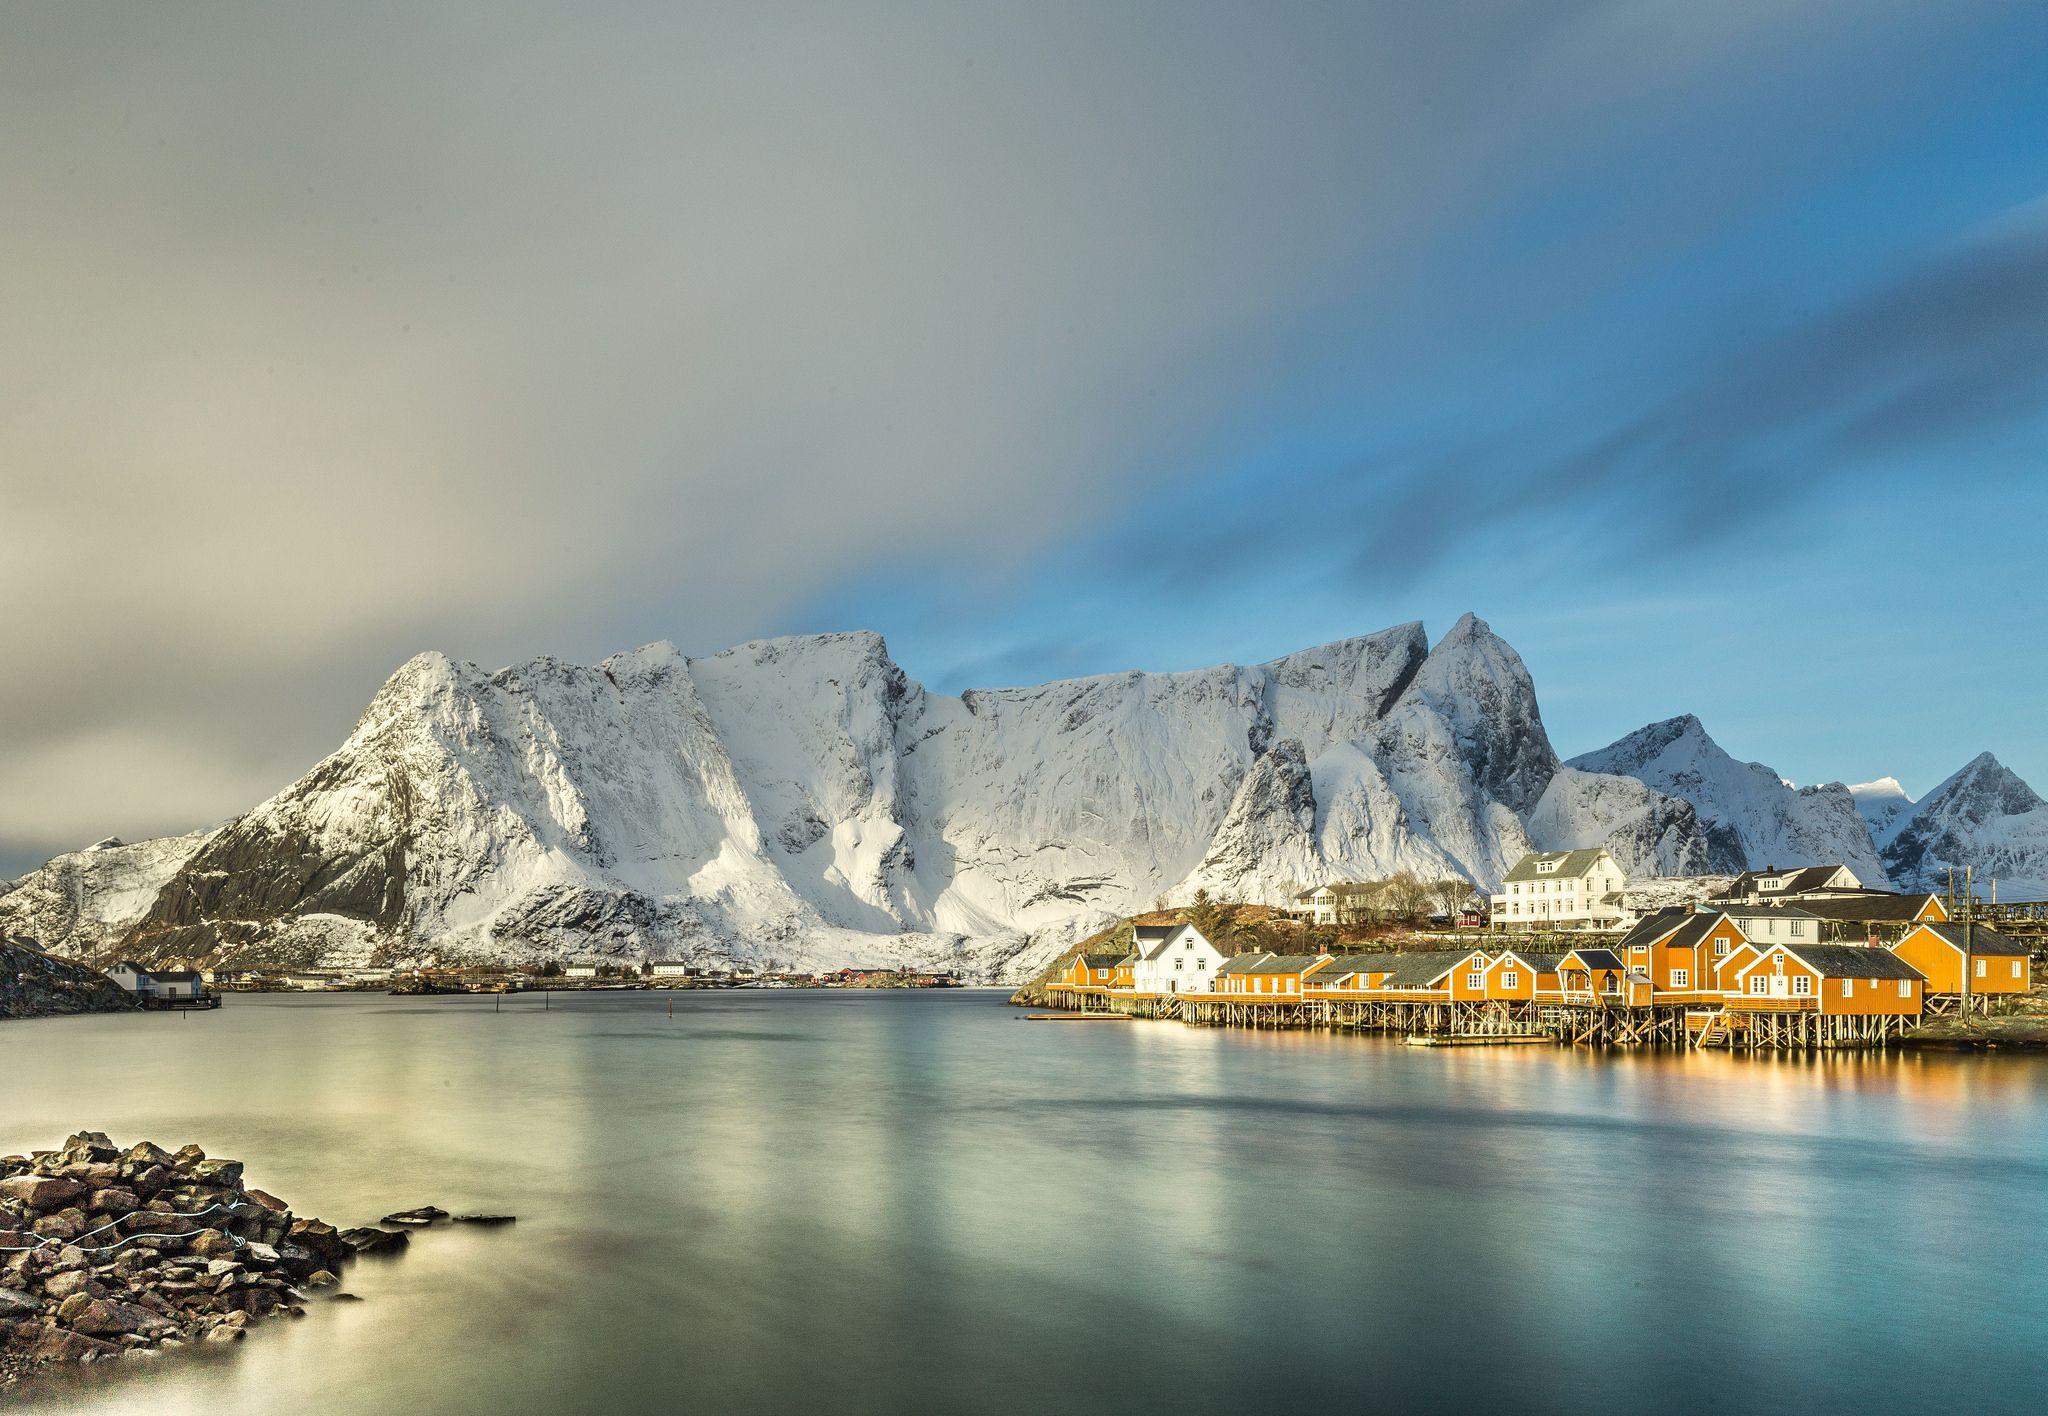 Fonds D Ecran Norvege Cote Montagnes Mer Neige Nature Image 454699 Telecharger Fond Ecran Montagnes Norvege